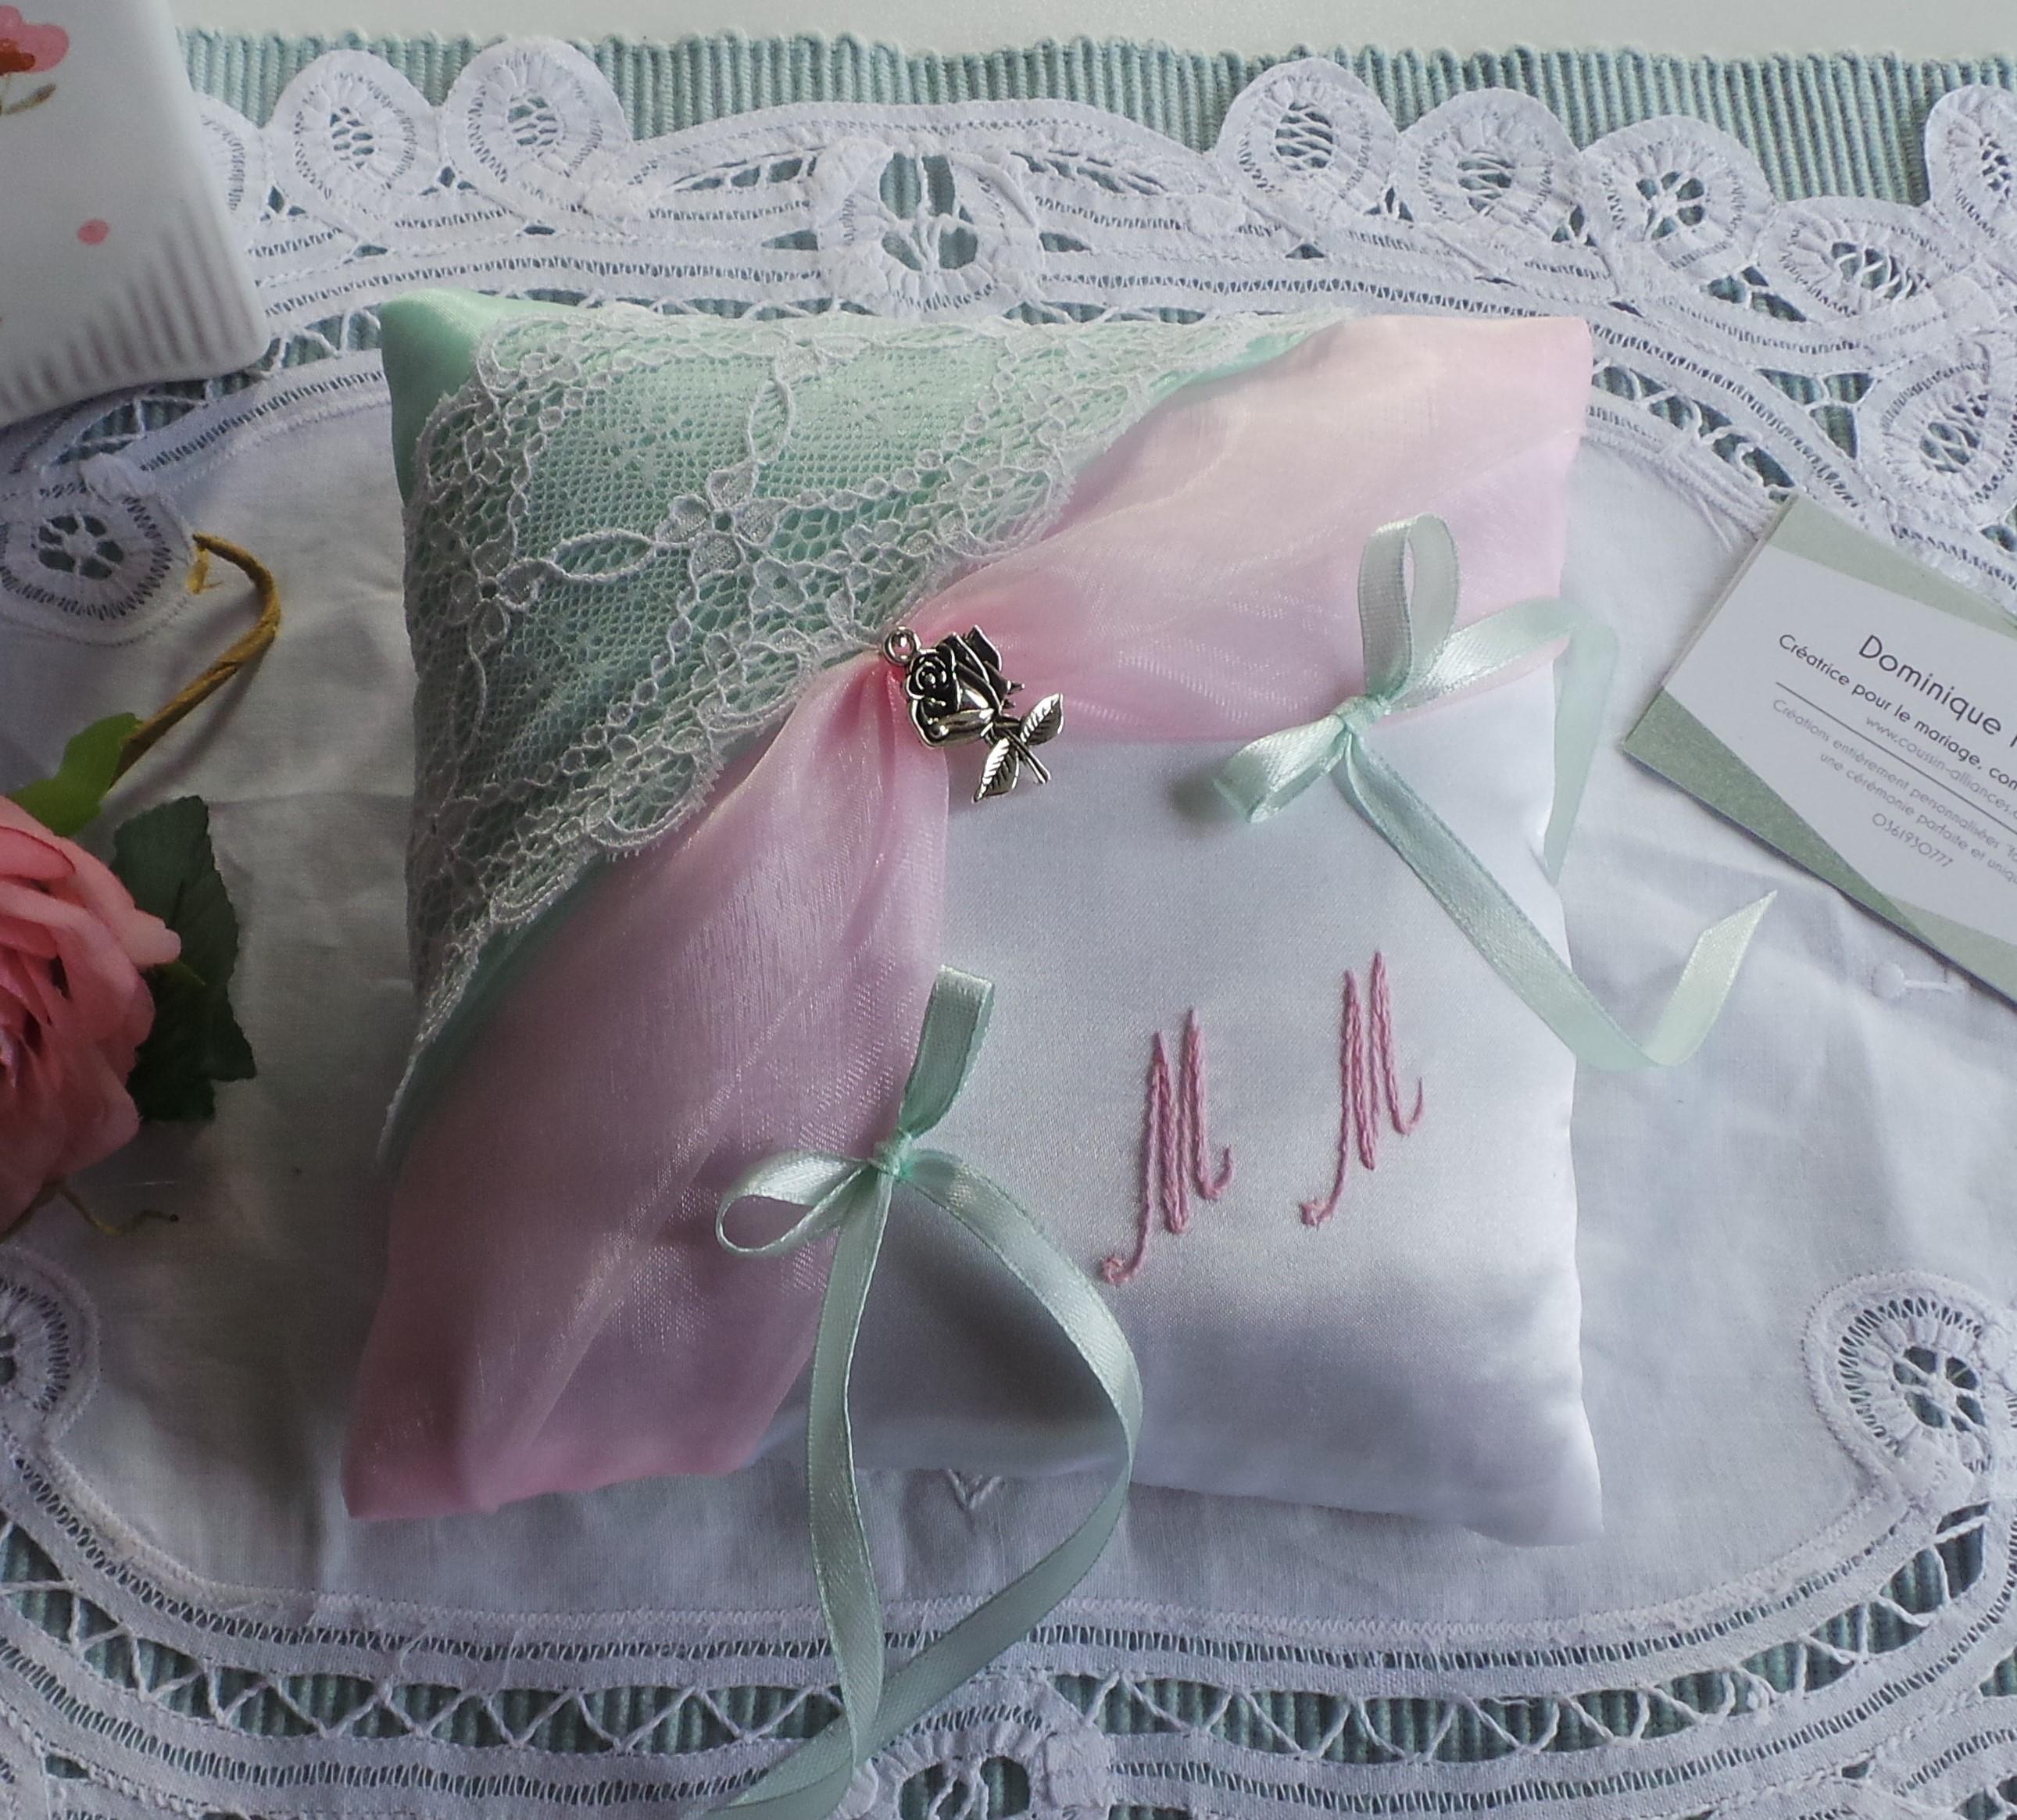 Coussin alliance personnalise champetre chic boheme romantique rose et vert pastel dentelle